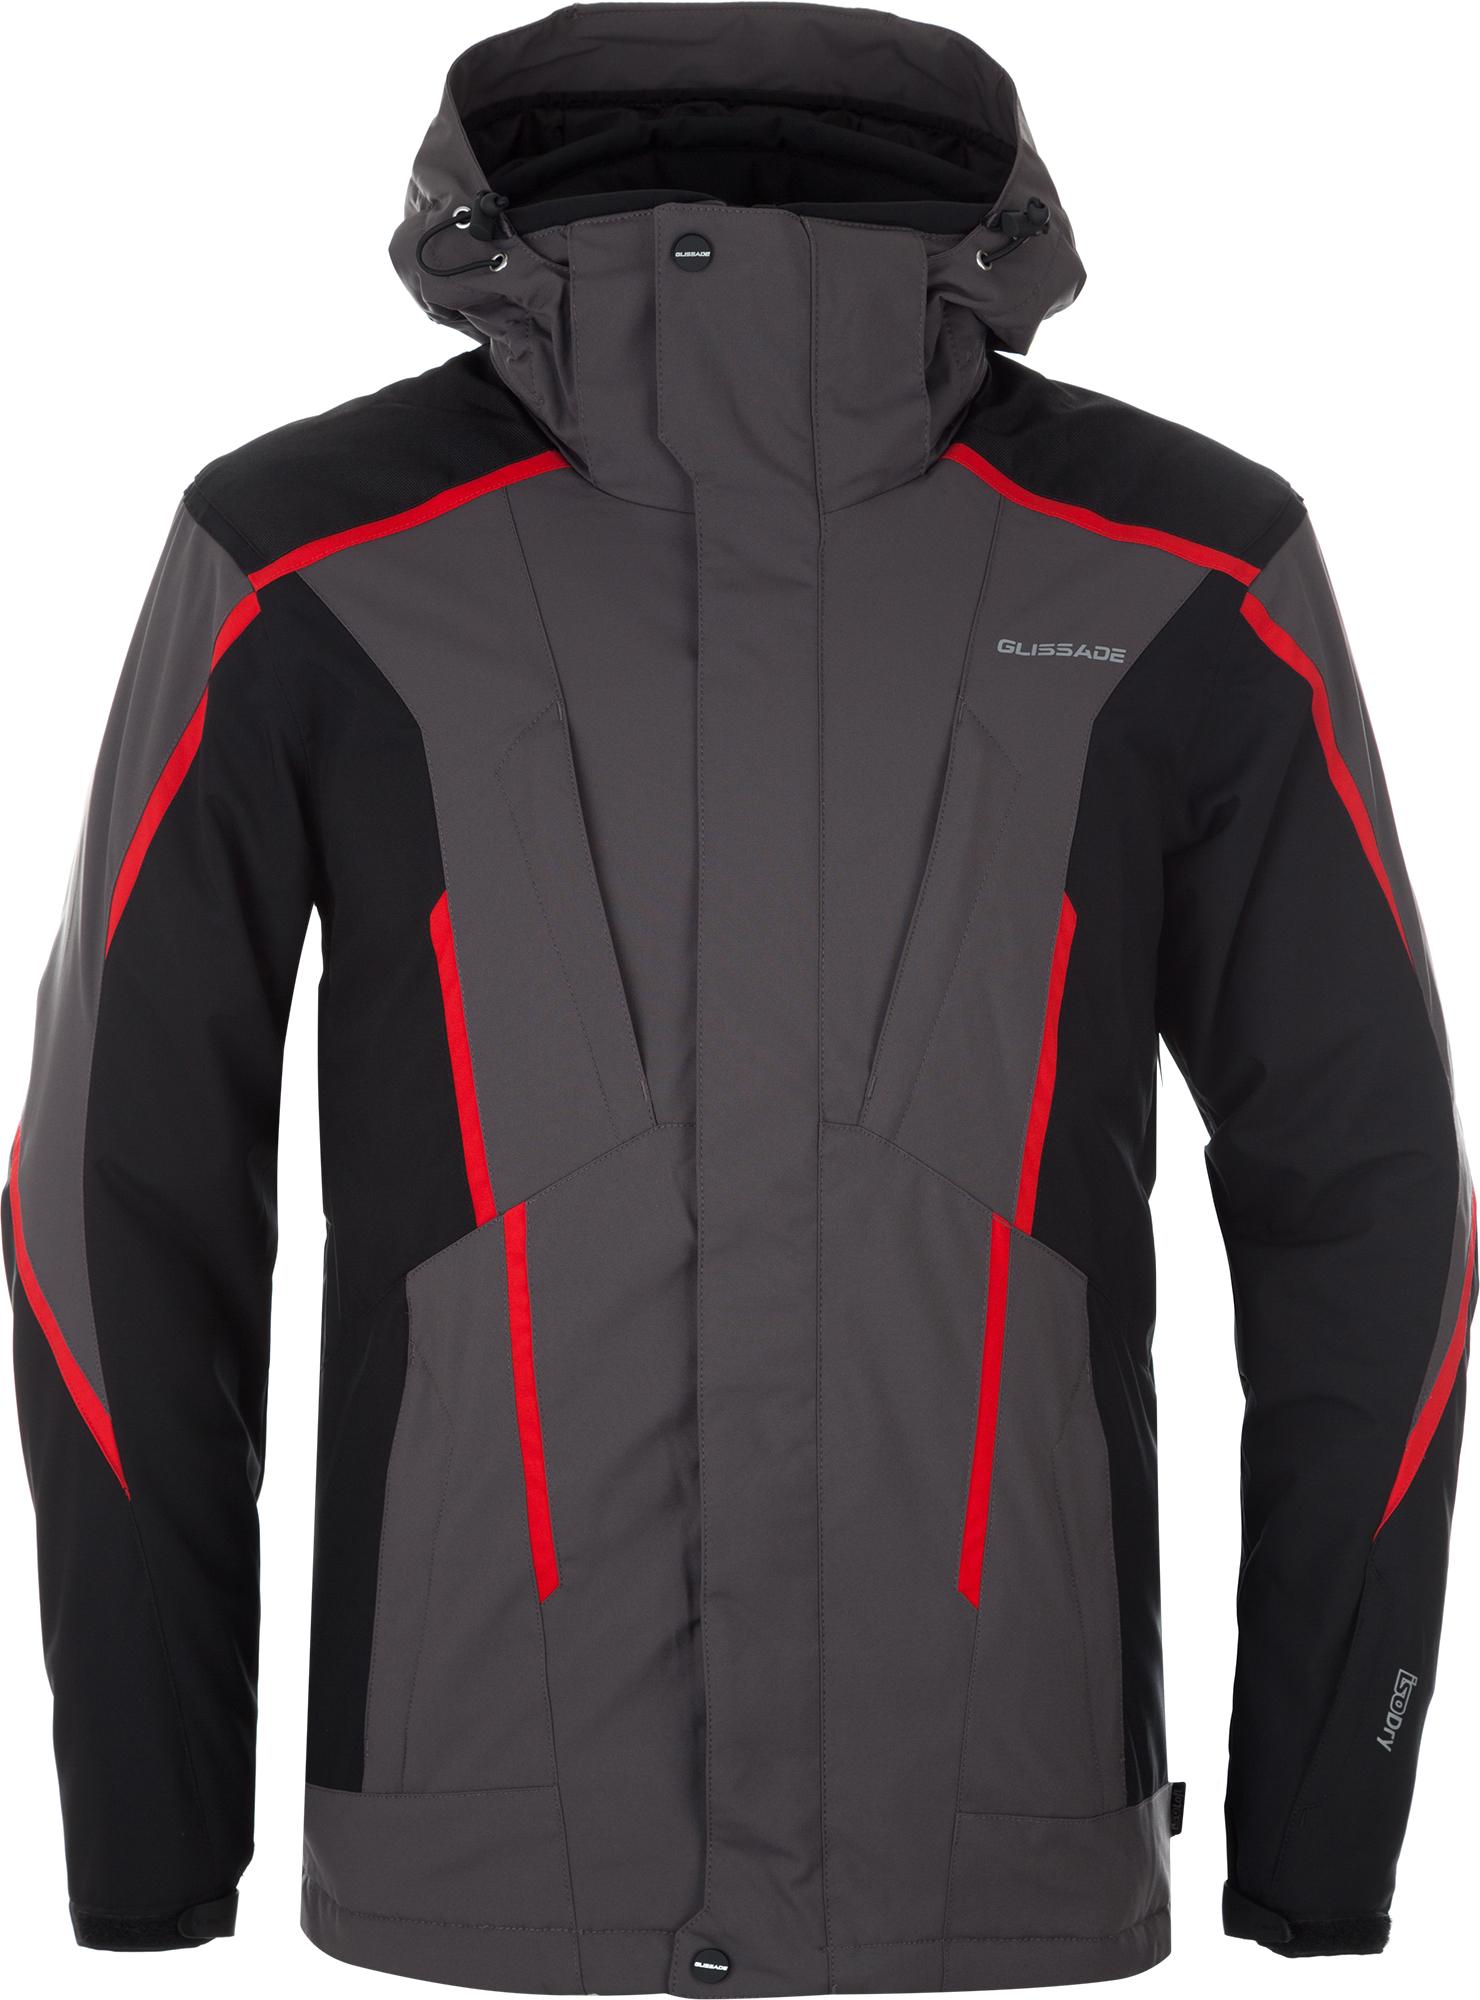 Glissade Куртка утепленная мужская Glissade